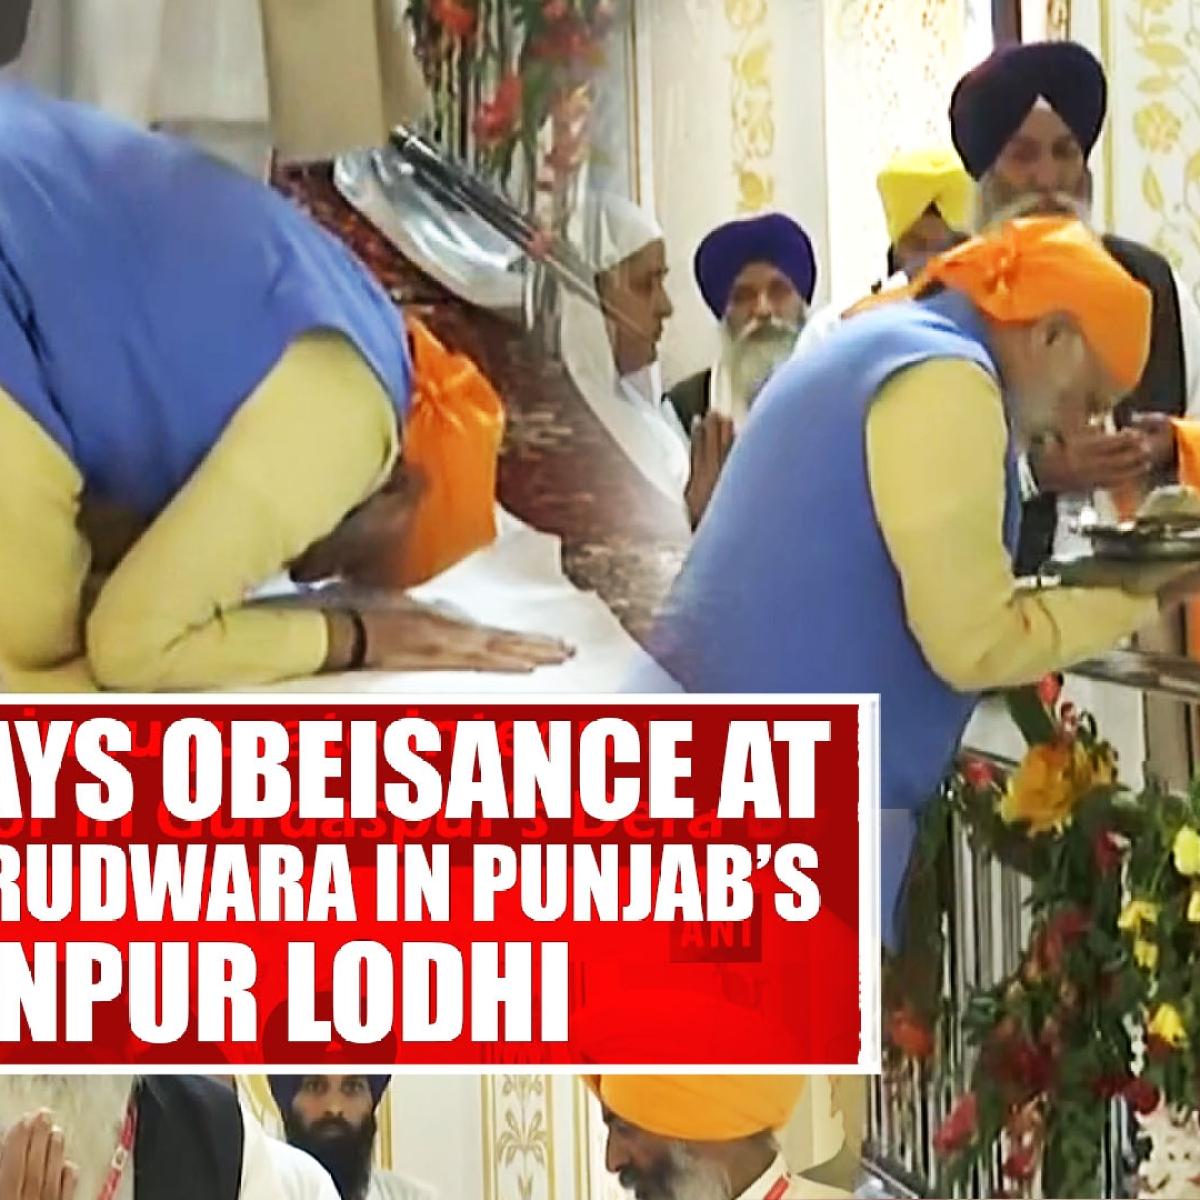 PM Modi Pays Obeisance At Ber Sahib Gurudwara In Punjab's Sultanpur Lodhi